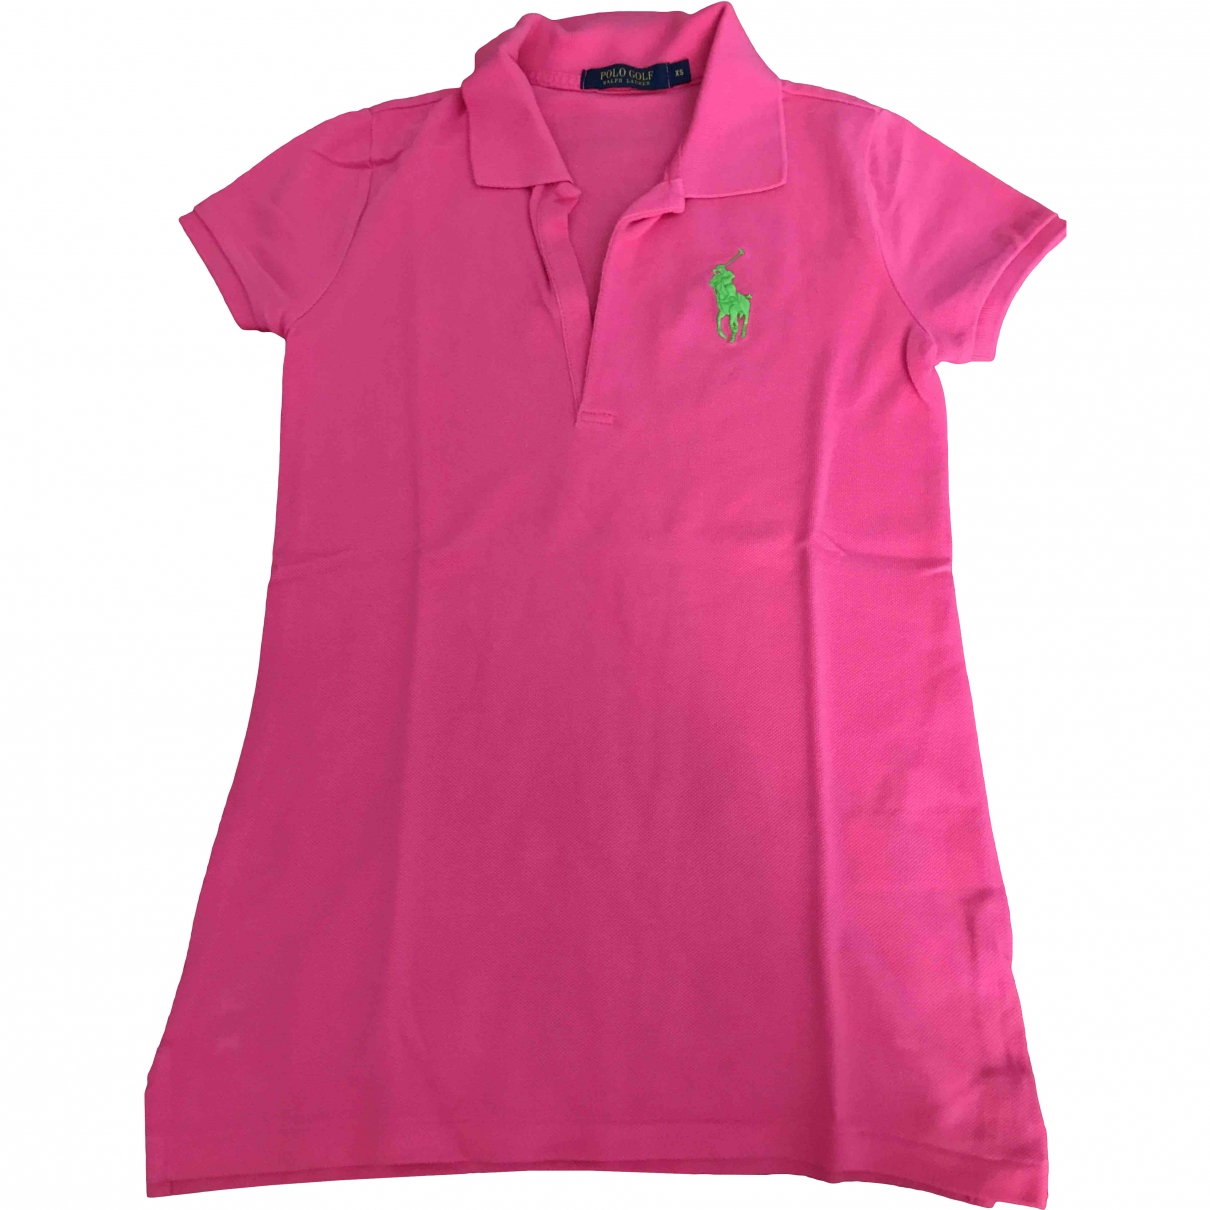 Polo Ralph Lauren - Top   pour femme en coton - rose